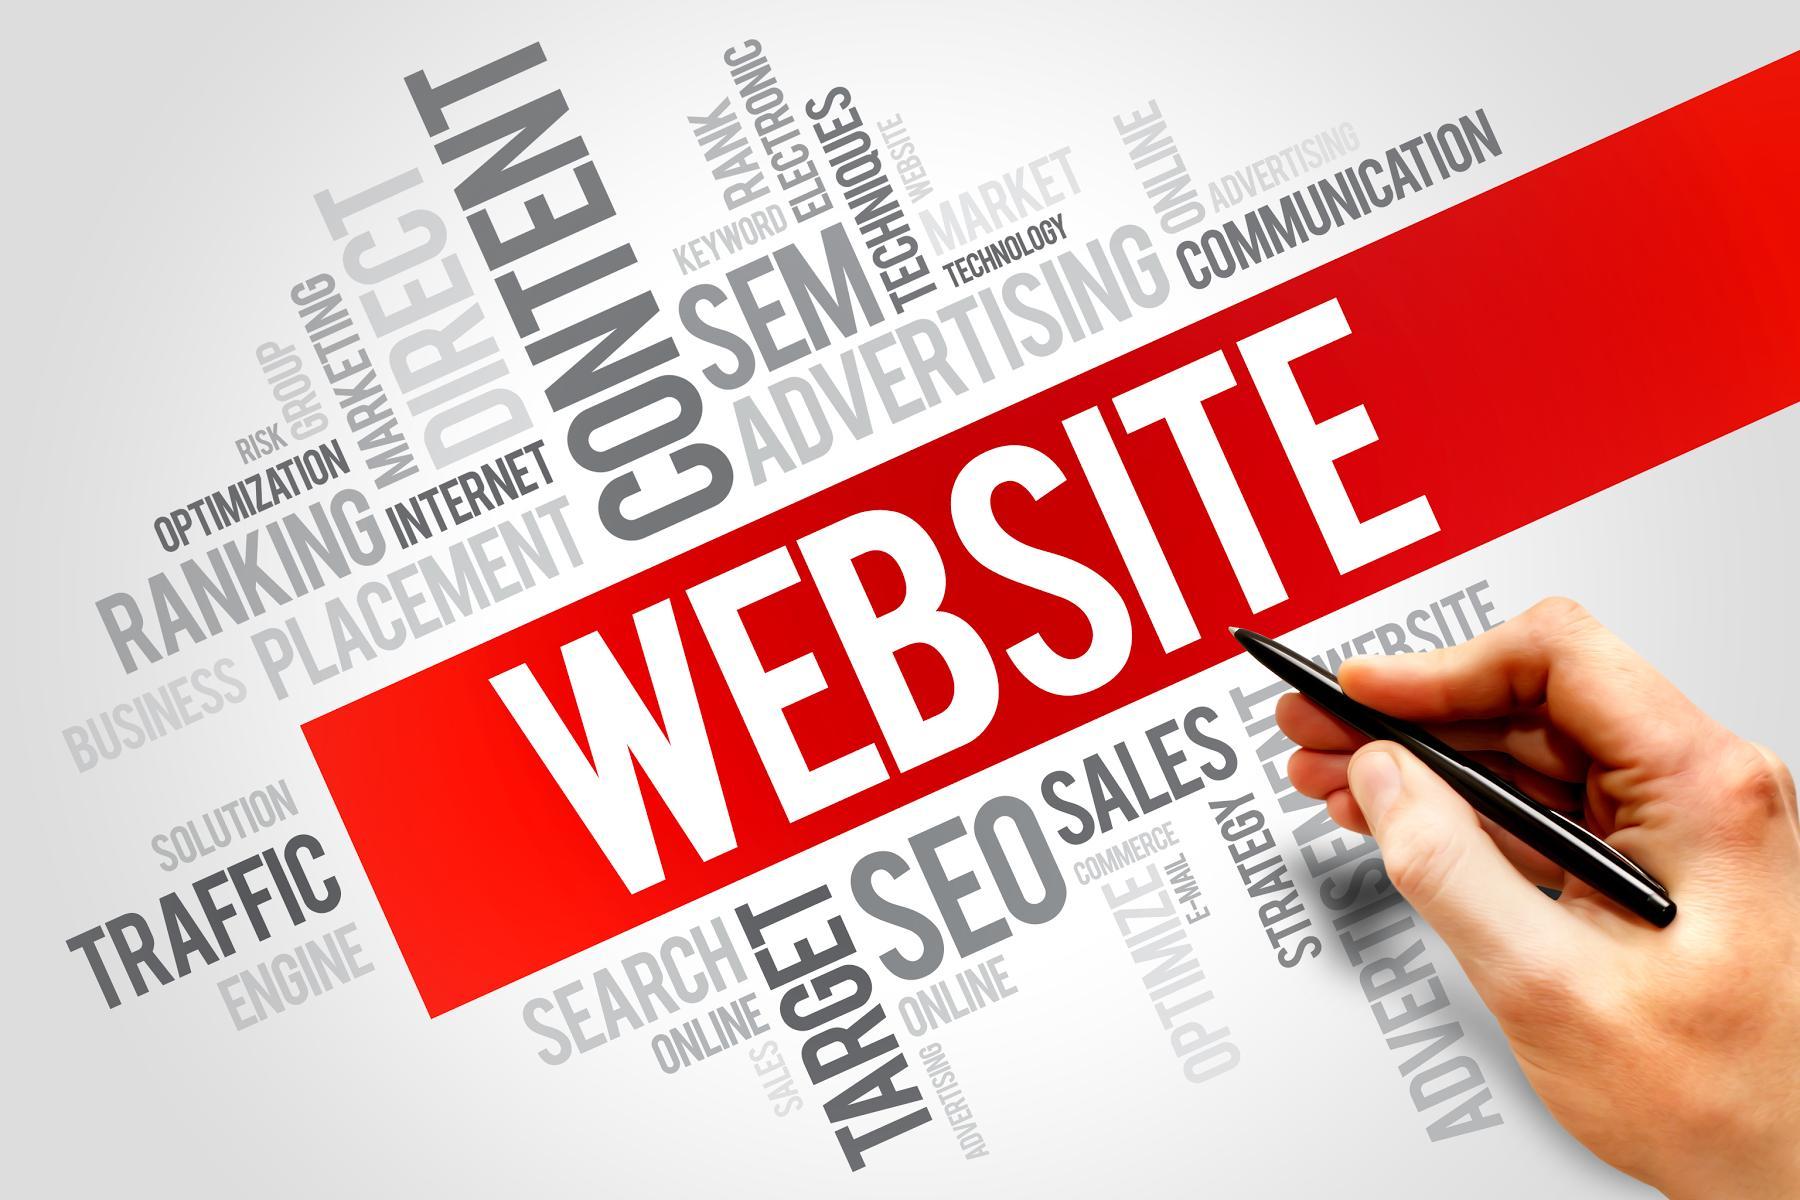 Key Website Ingredients